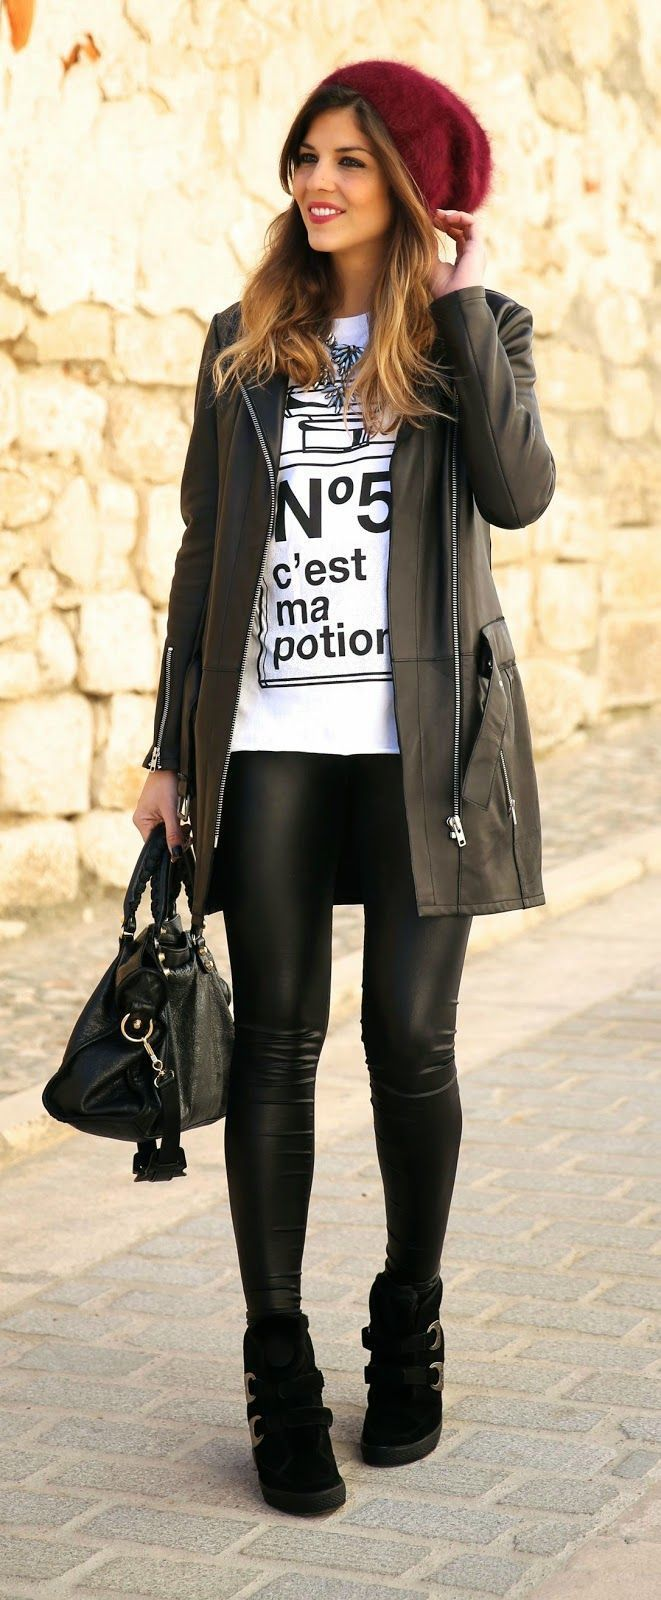 Acheter la tenue sur Lookastic: https://lookastic.fr/mode-femme/tenues/manteau-t-shirt-a-col-rond-leggings-baskets-compensees-cartable-bonnet/13415   — Bonnet bordeaux  — T-shirt à col rond imprimé blanc et noir  — Manteau en cuir noir  — Leggings en cuir noirs  — Cartable en cuir noir  — Baskets compensées en daim noires